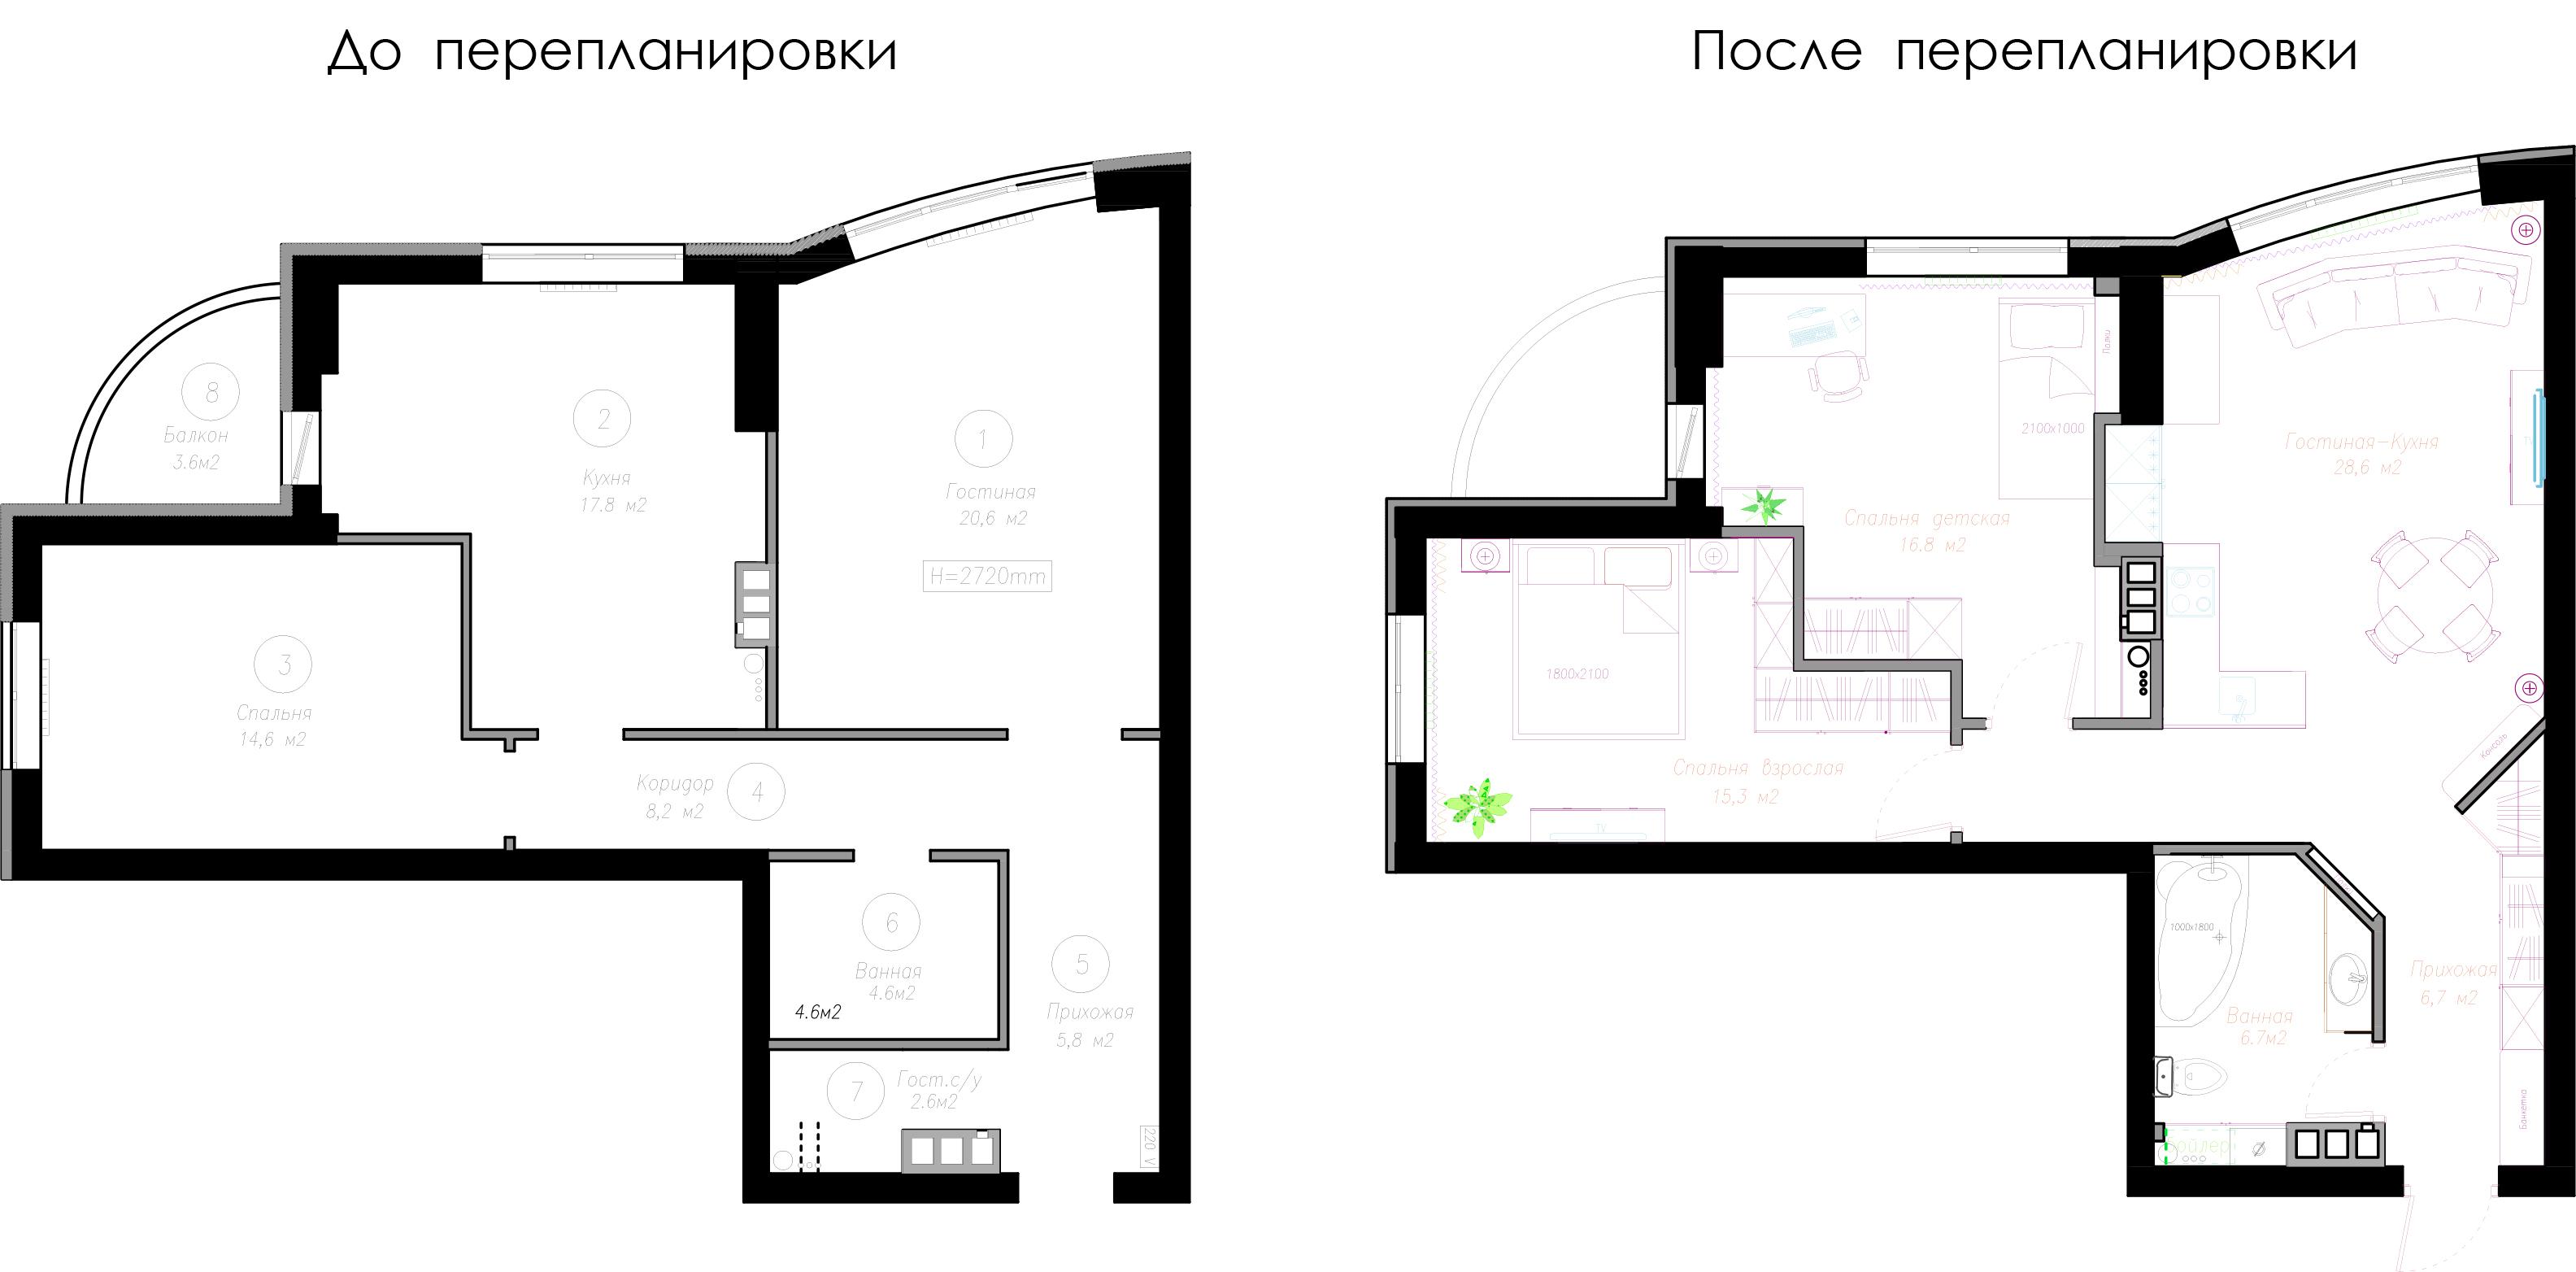 Дизайн проект. Ирина Терещенко. Краснозвездный проспект, слайд 4